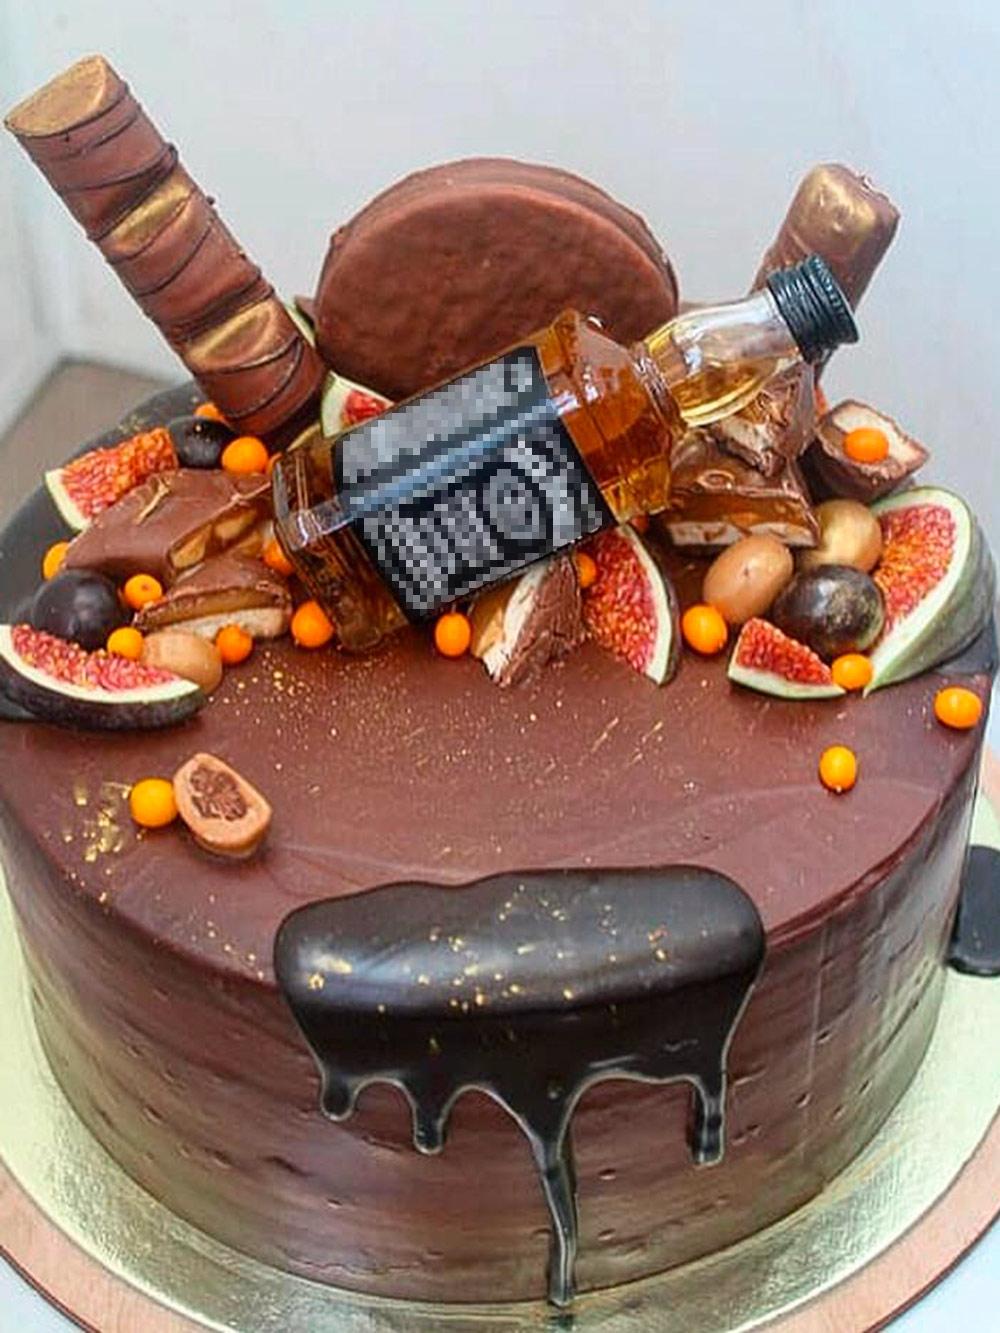 Этот брутальный торт я заказывала папе на день рождения. За 2&nbsp;кг отдала 3500<span class=ruble>Р</span>, а за бутылочку виски доплатила еще 300<span class=ruble>Р</span>